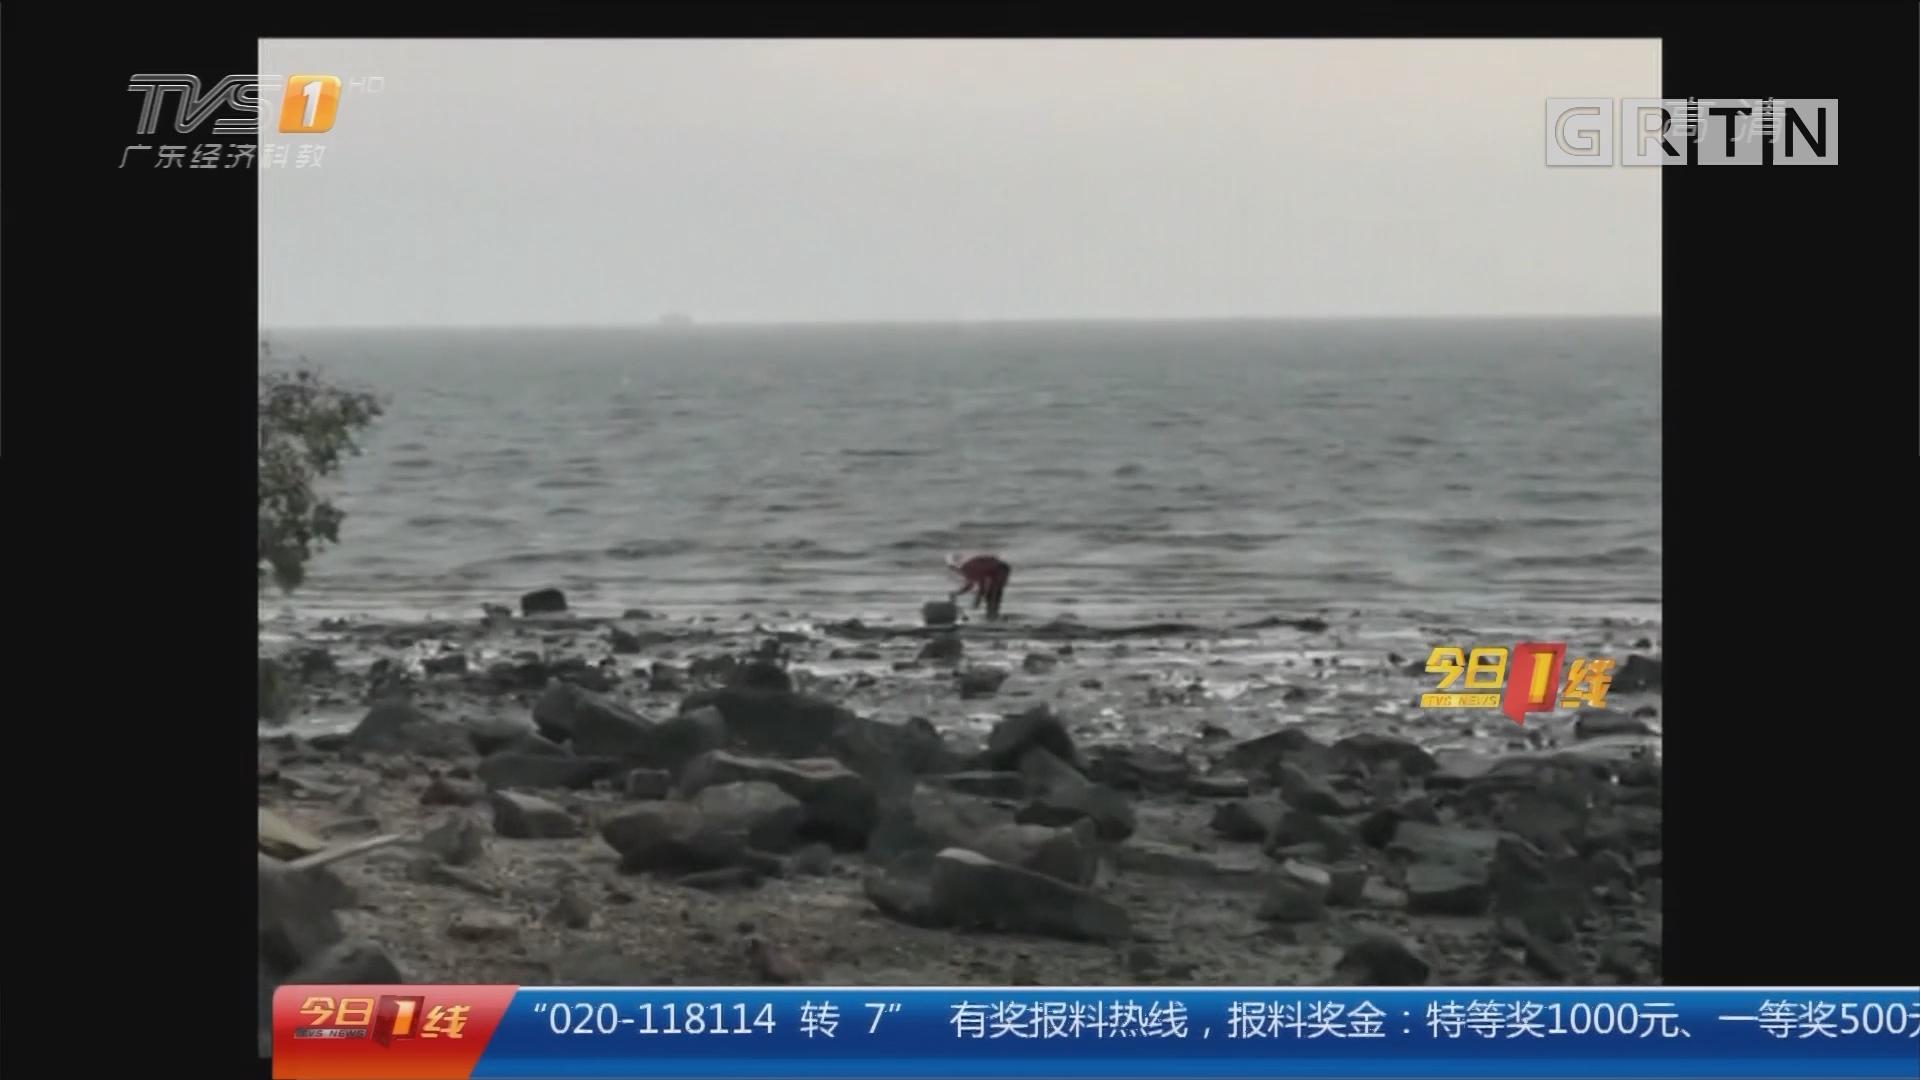 """深圳湾:海边再现偷捕""""游击队"""" 加强巡逻查处"""